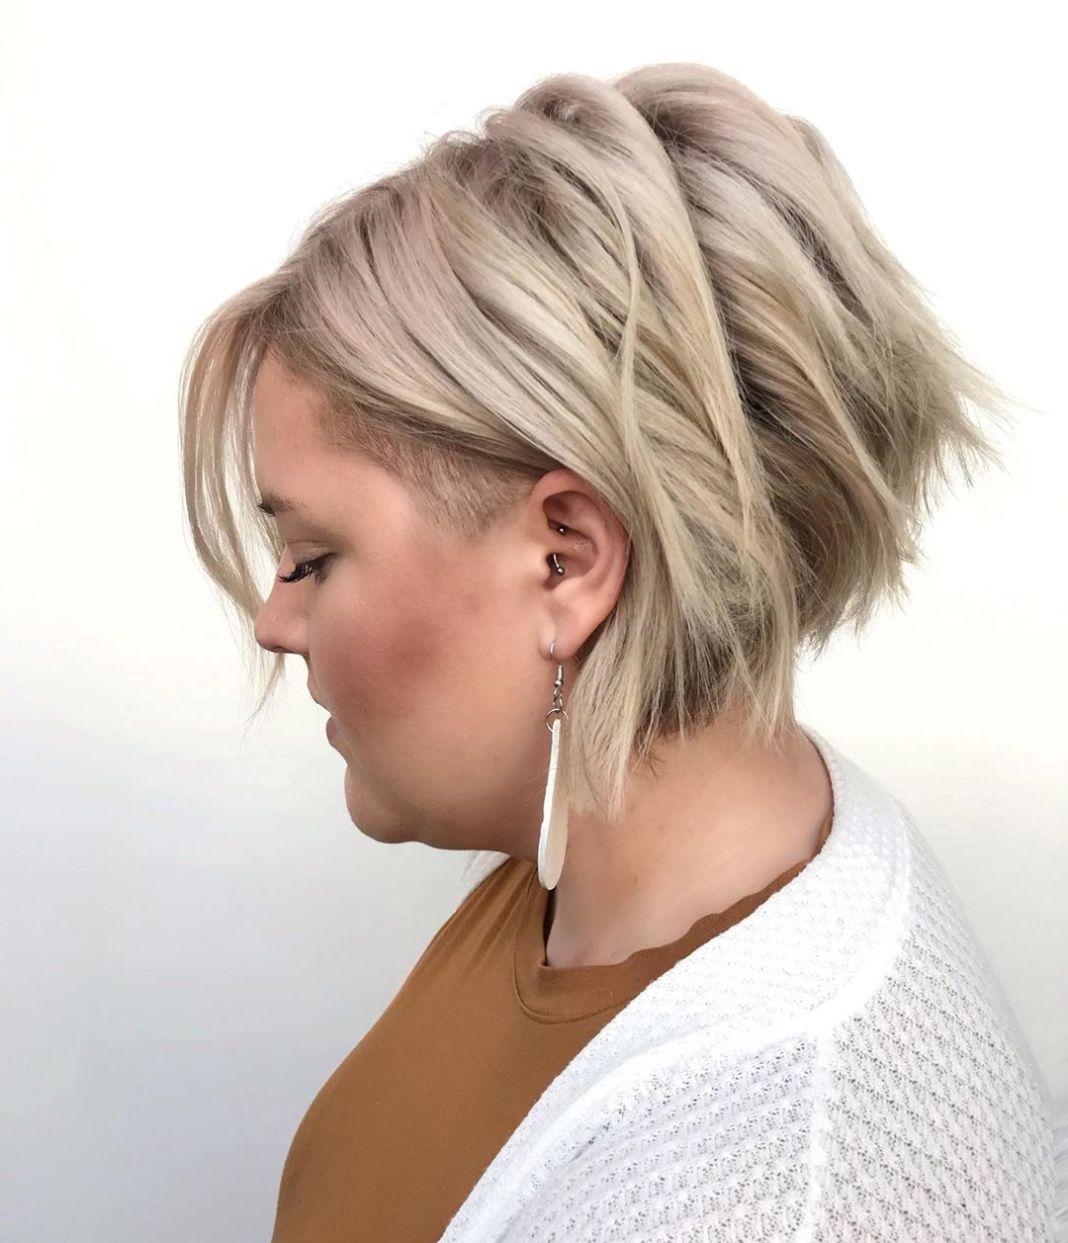 Les coupes de cheveux courtes, moyennes et longues les plus flatteuses pour les doubles mentons